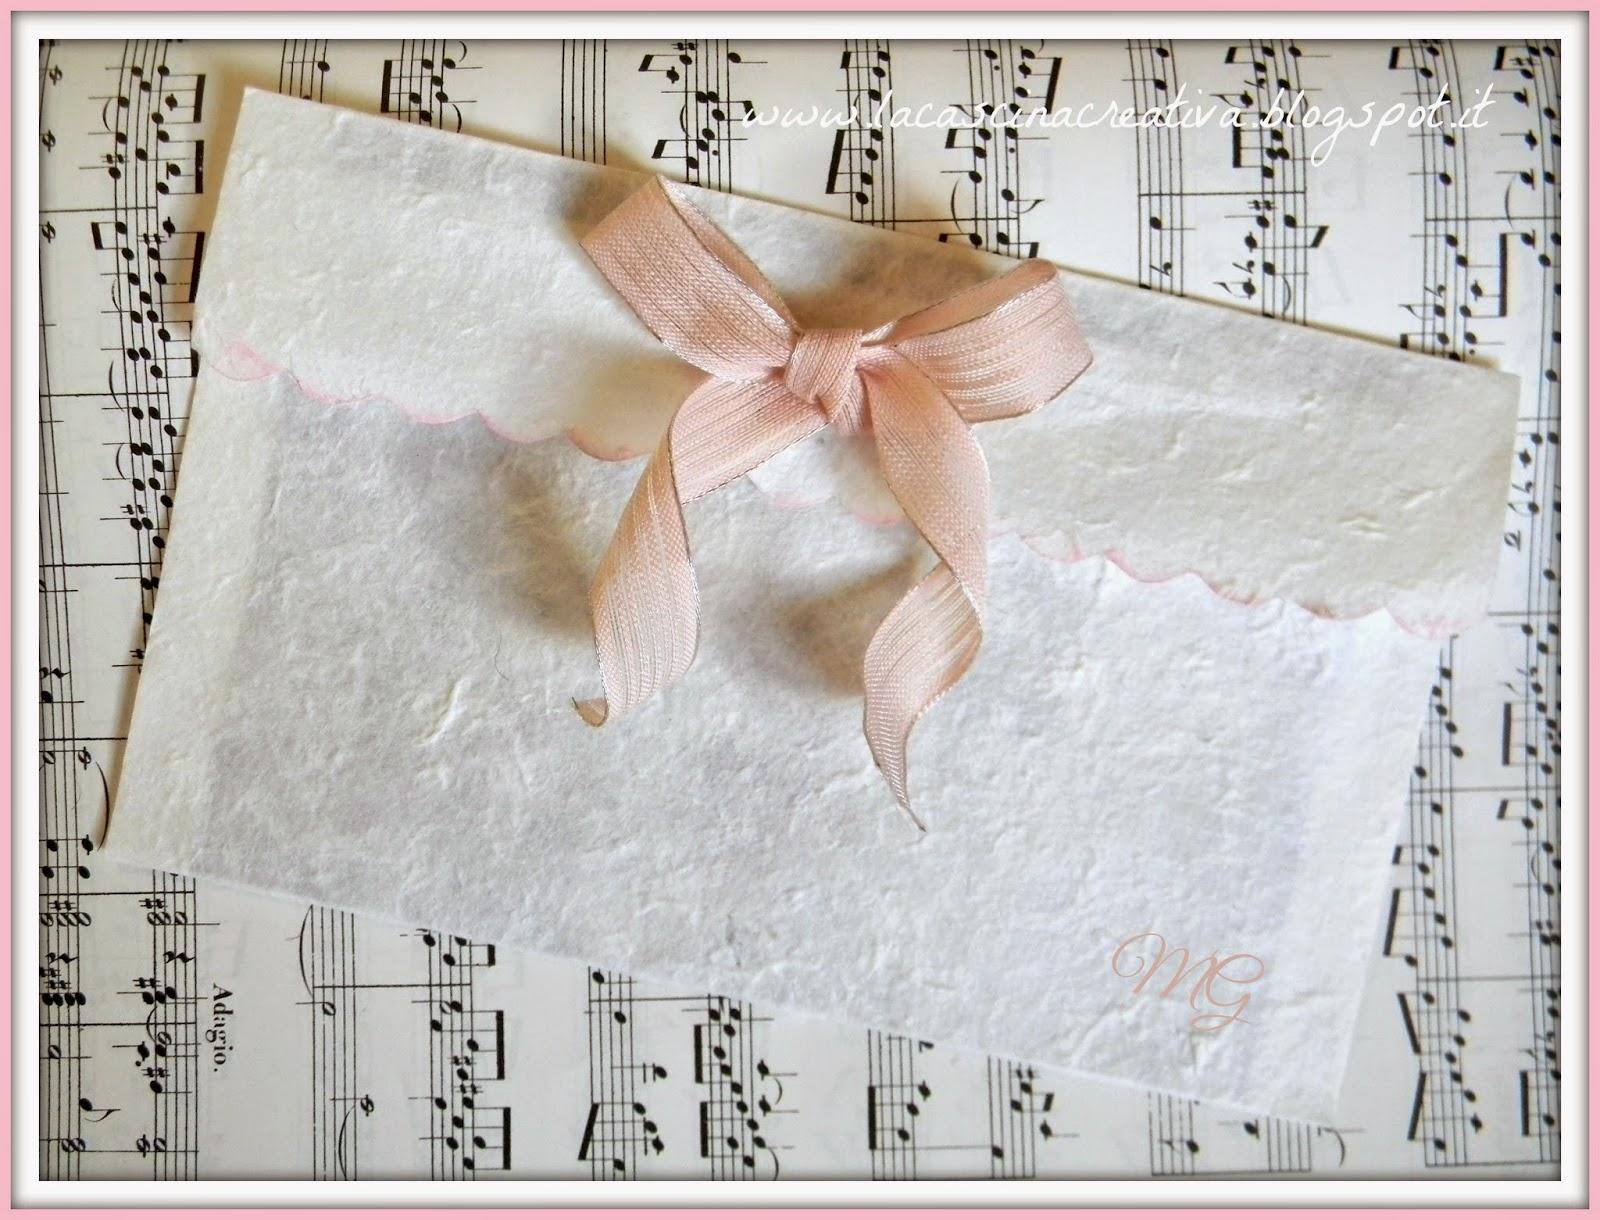 Buste Carta Riso.La Cascina Creativa Busta In Carta Di Riso Dal Sapore Classico